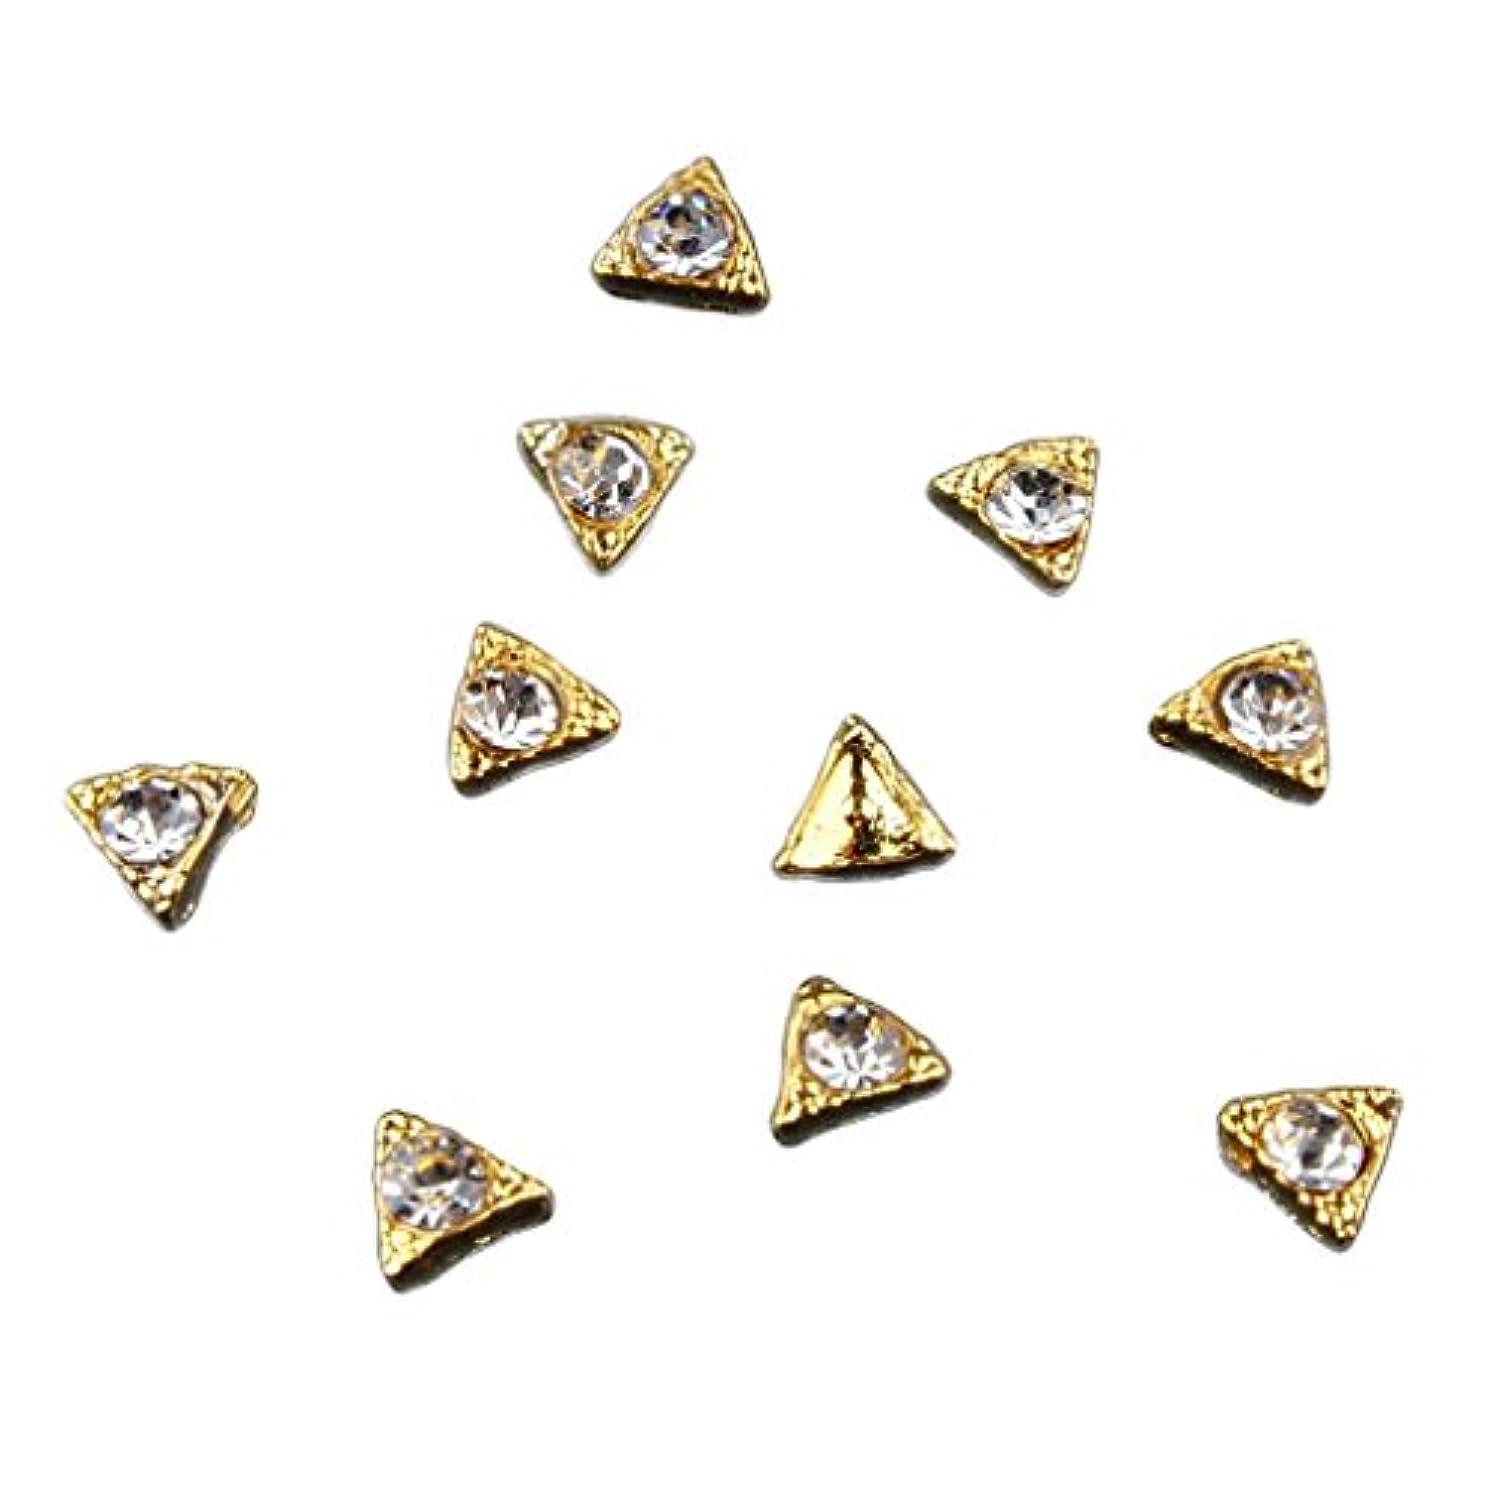 甘美な注入する処理50個入り ネイル ネイルデザイン ダイヤモンド 3Dネイルアート ヒントステッカー デコレーション - 7